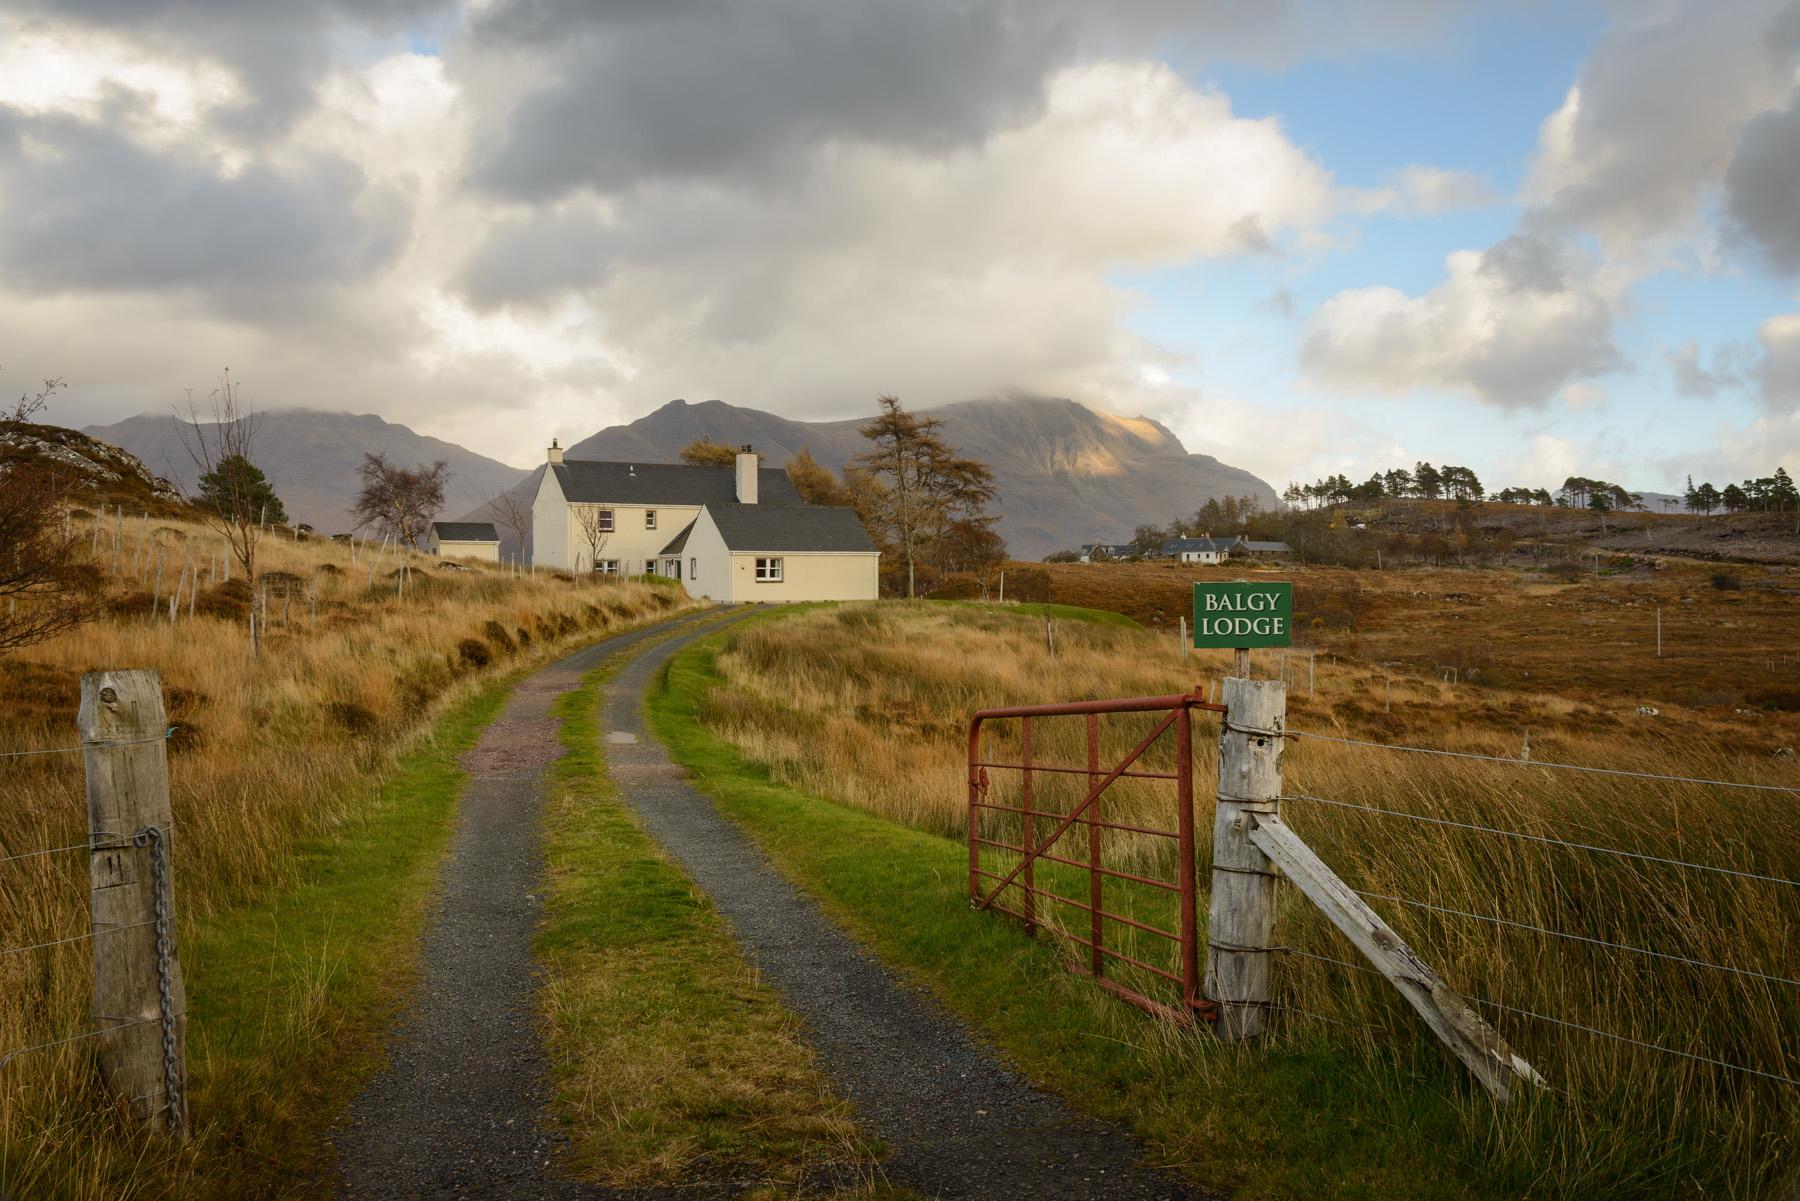 Balgy Lodge, Torridon